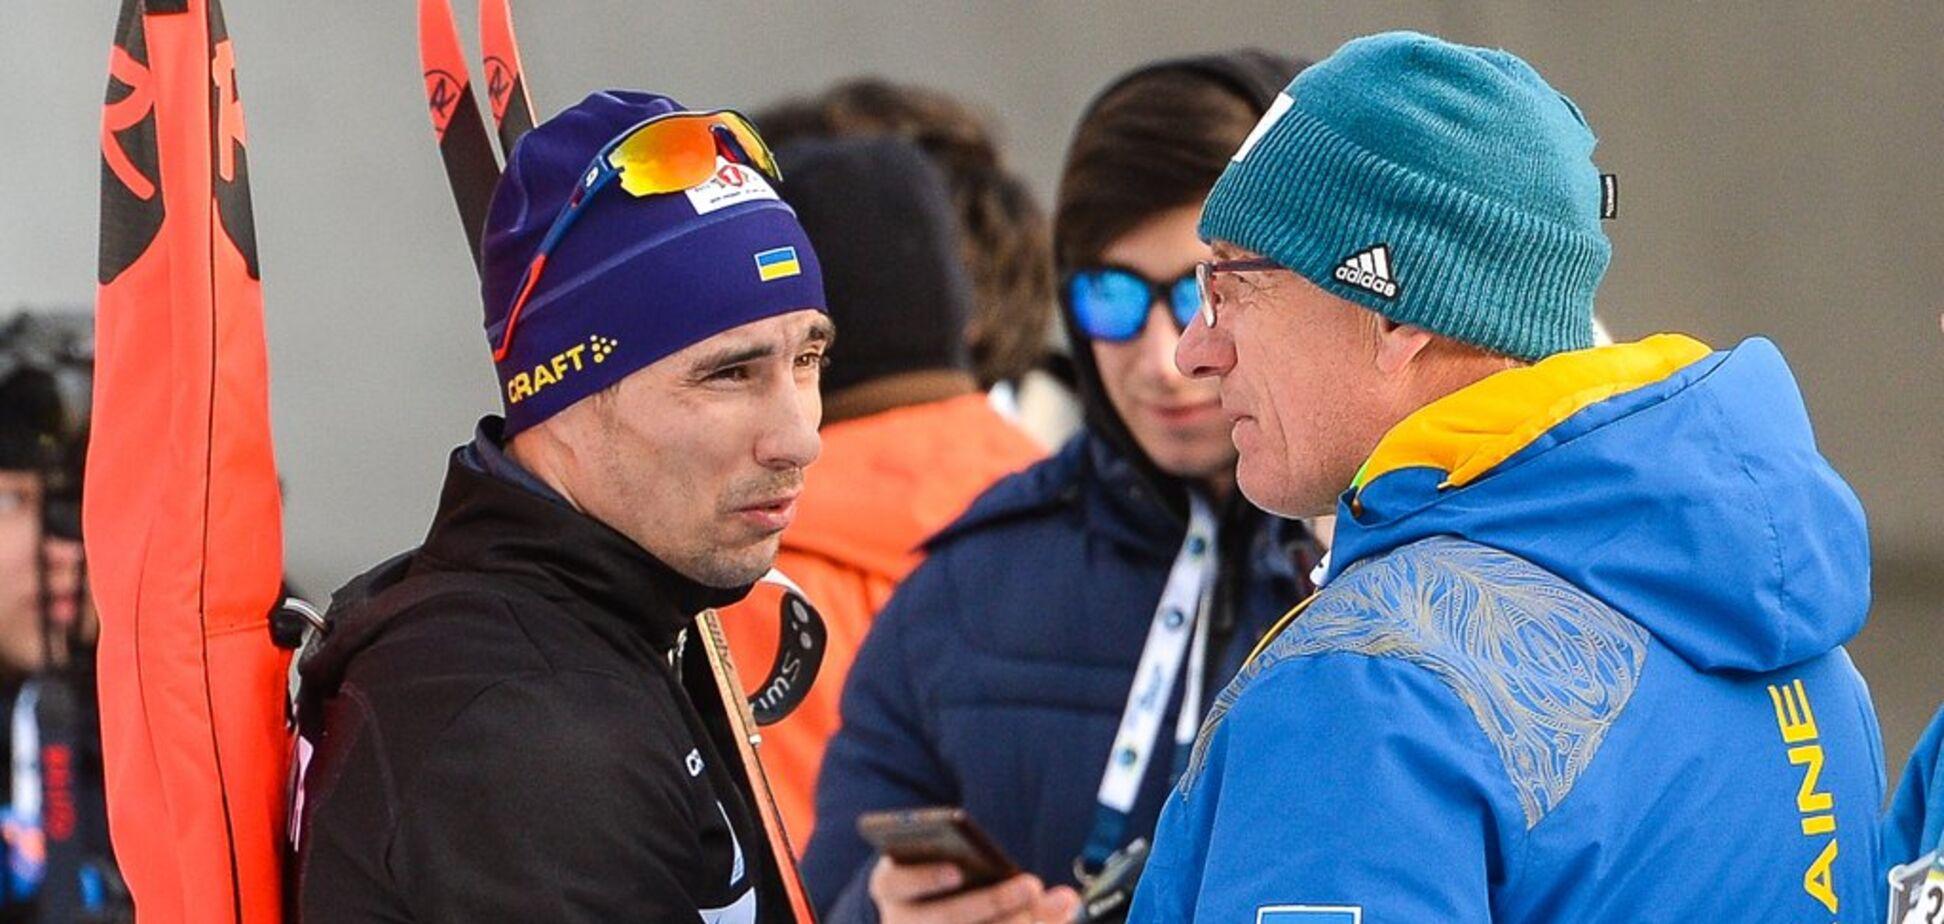 Проверенный метод: в сборной Украины приняли радикальное решение перед ЧМ по биатлону